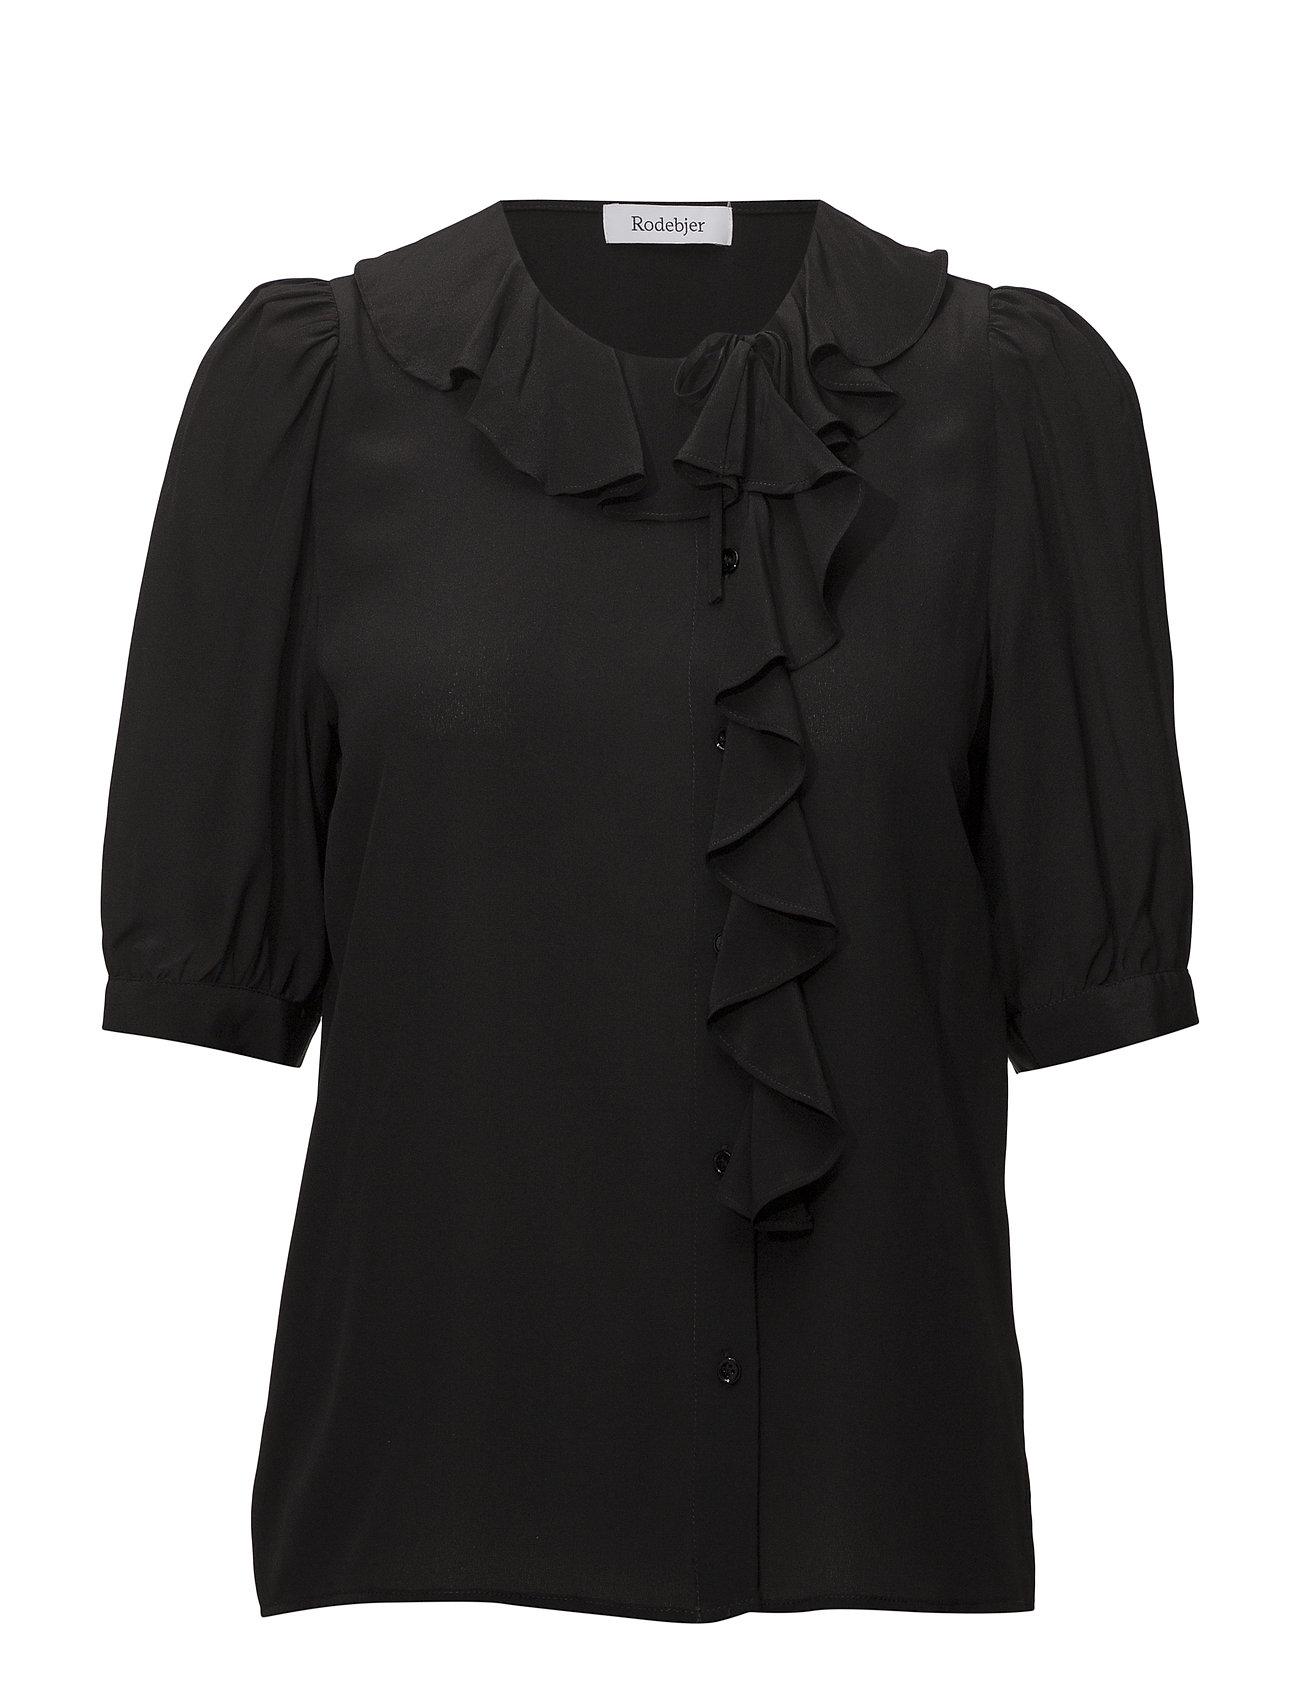 4e30dbe29f4e RODEBJER kortærmede bluser – Xilla Silk til dame i Sort - Pashion.dk